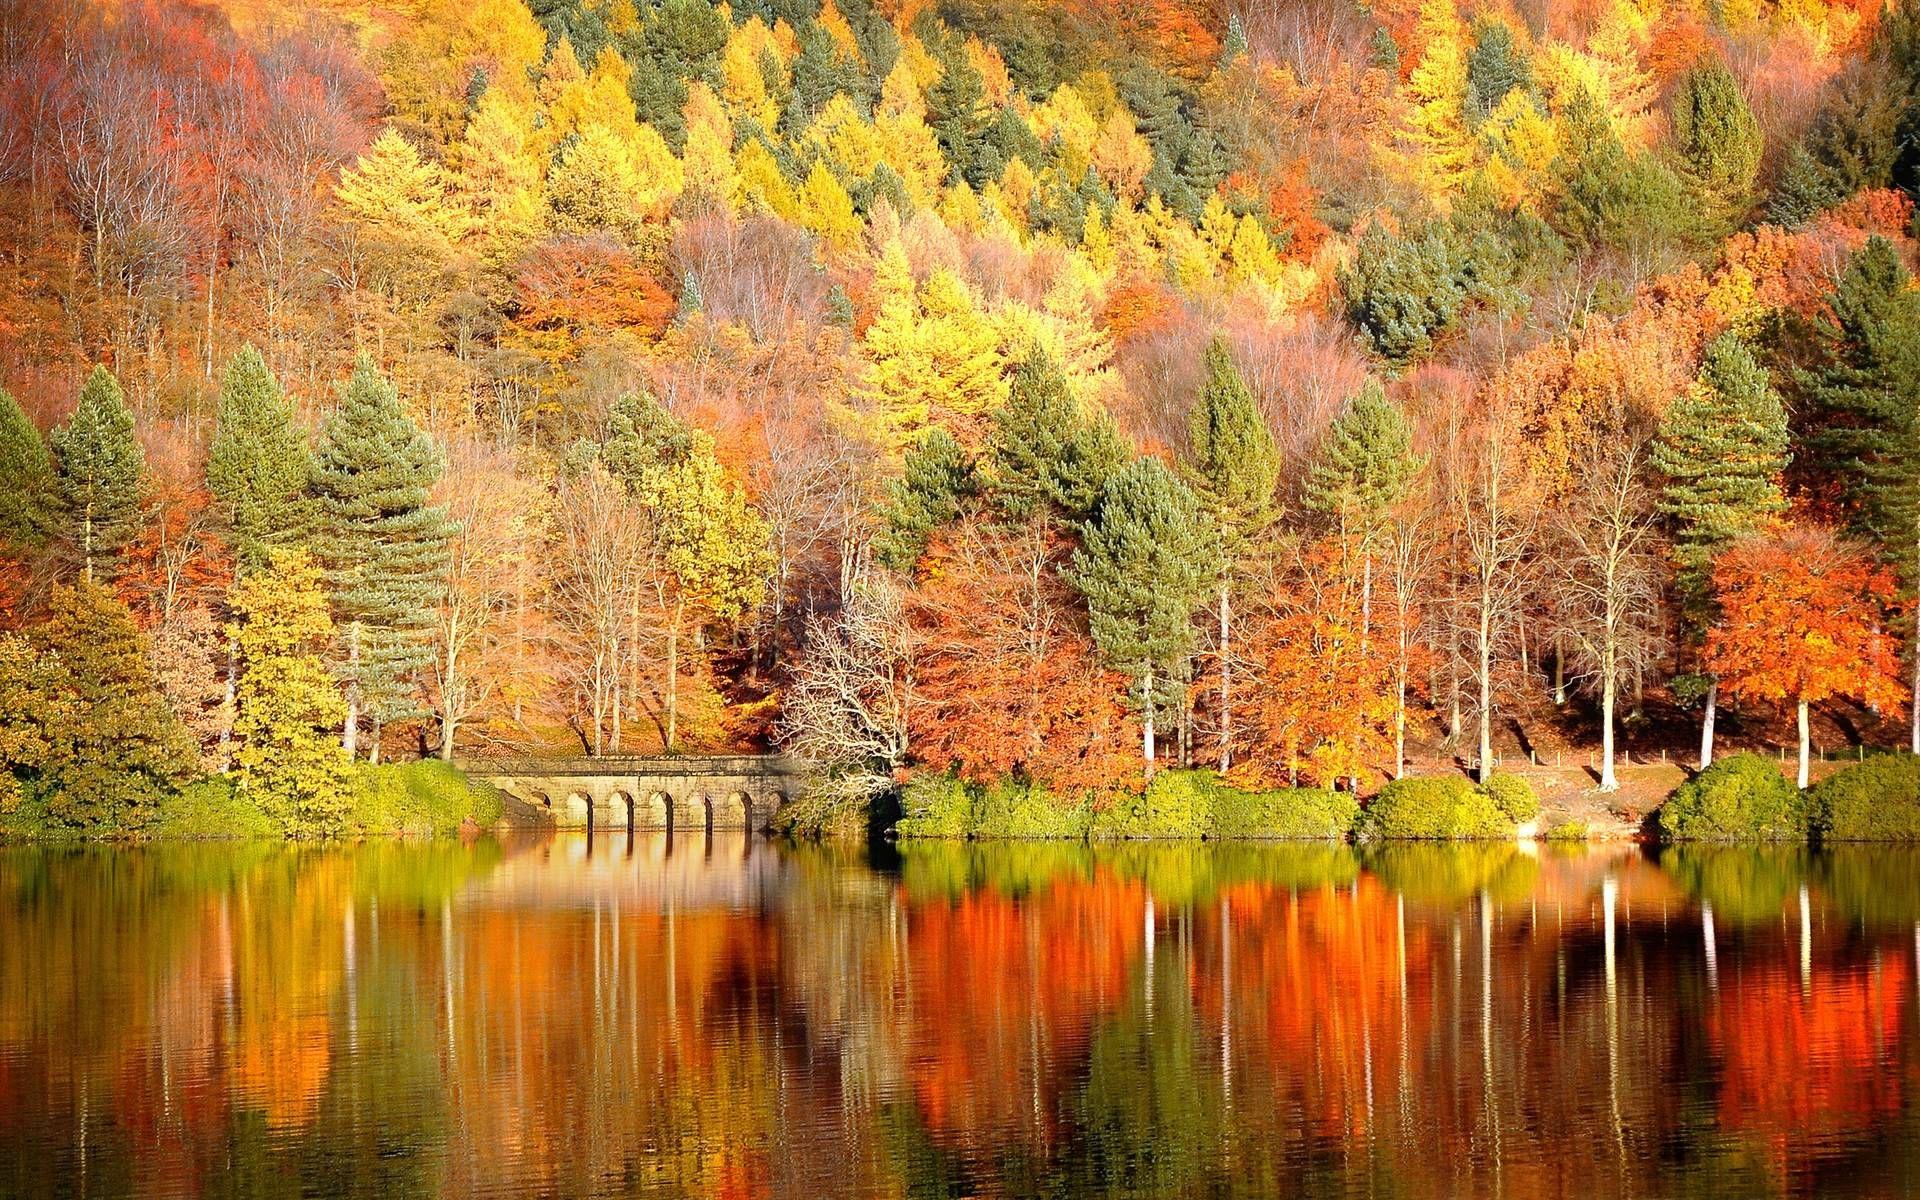 autumn desktop backgrounds hd Pictures 19201200 Autumn Images 1920x1200